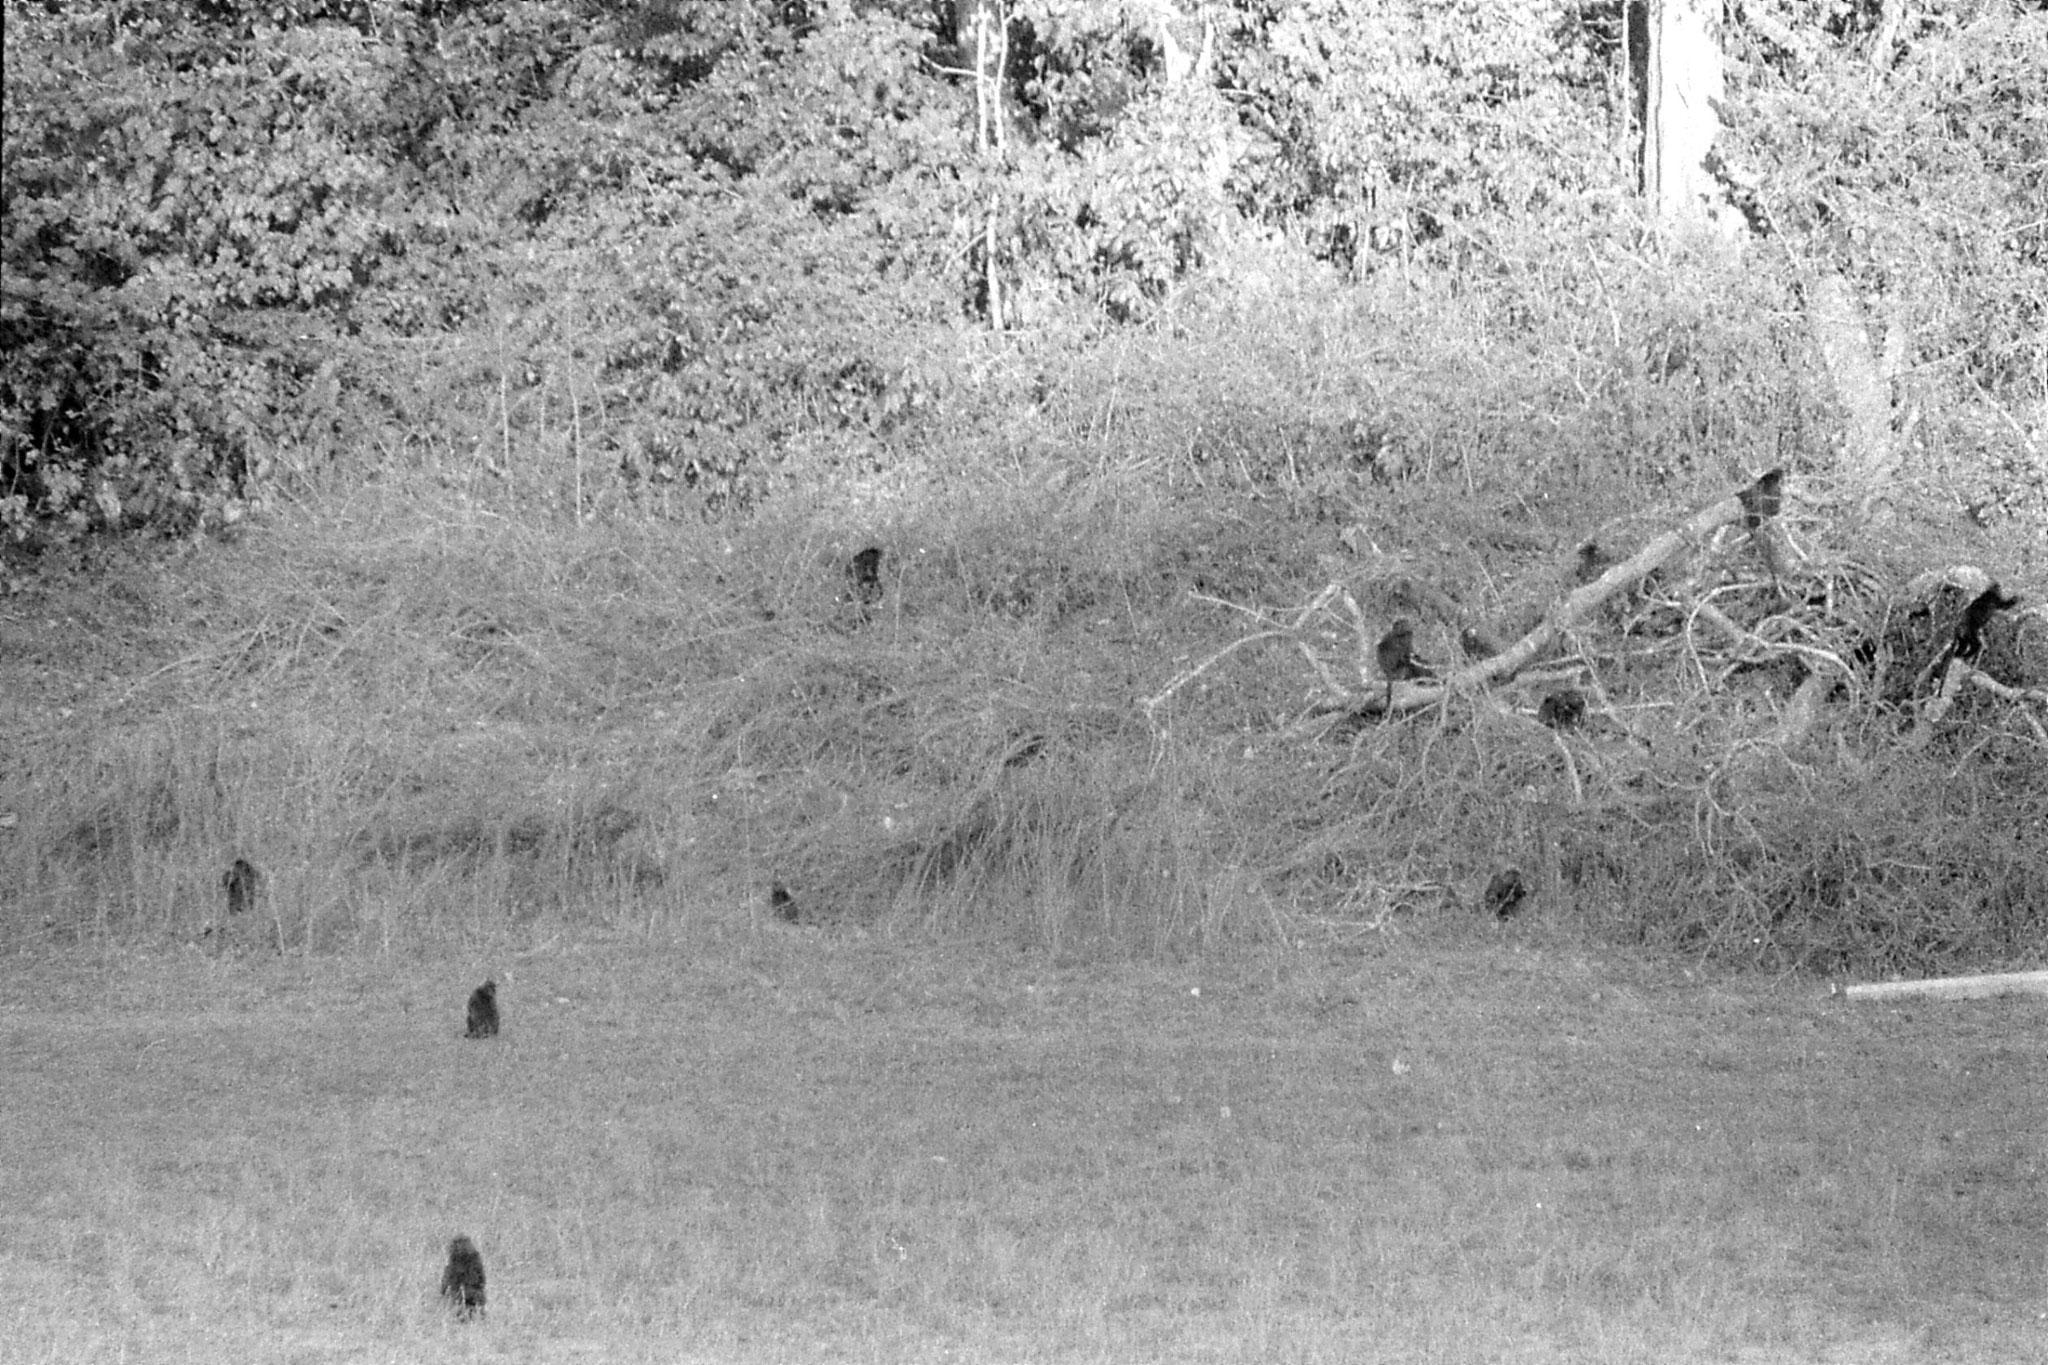 097/21: 22/2/1990 Periyar black langurs